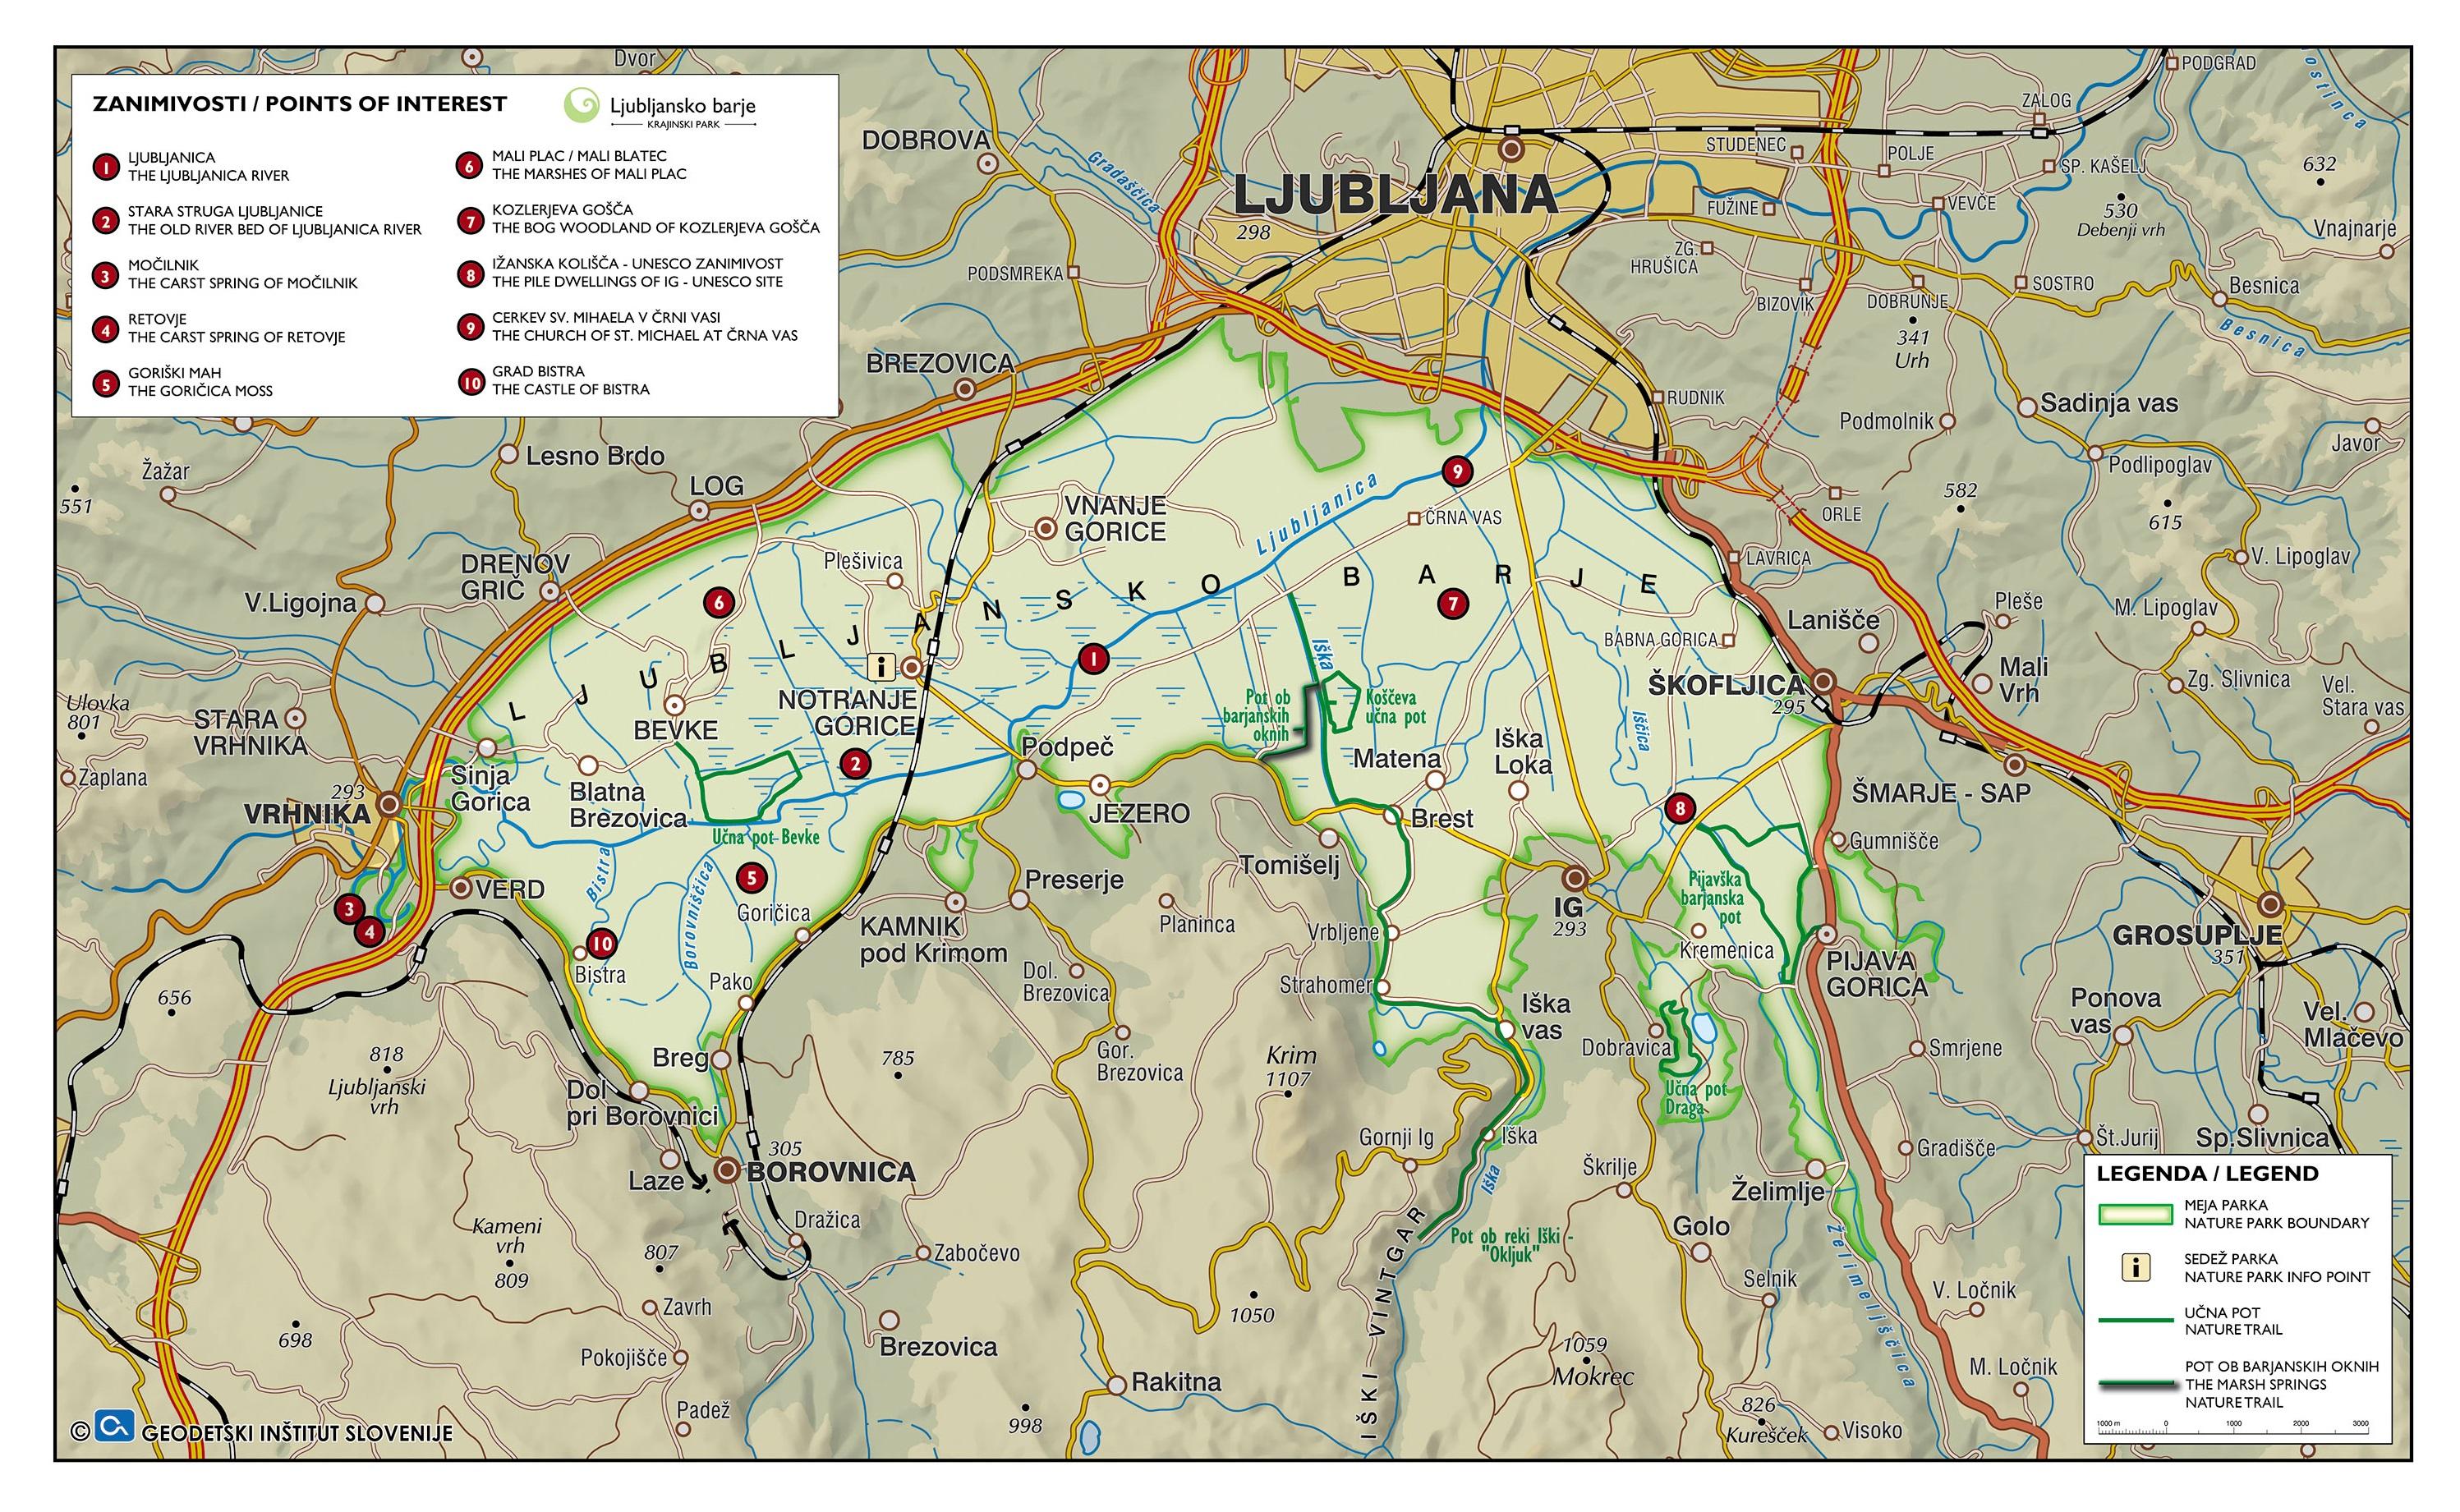 Predavanje Vpliv Slovenske matice na razvoj geografije na Slovenskem